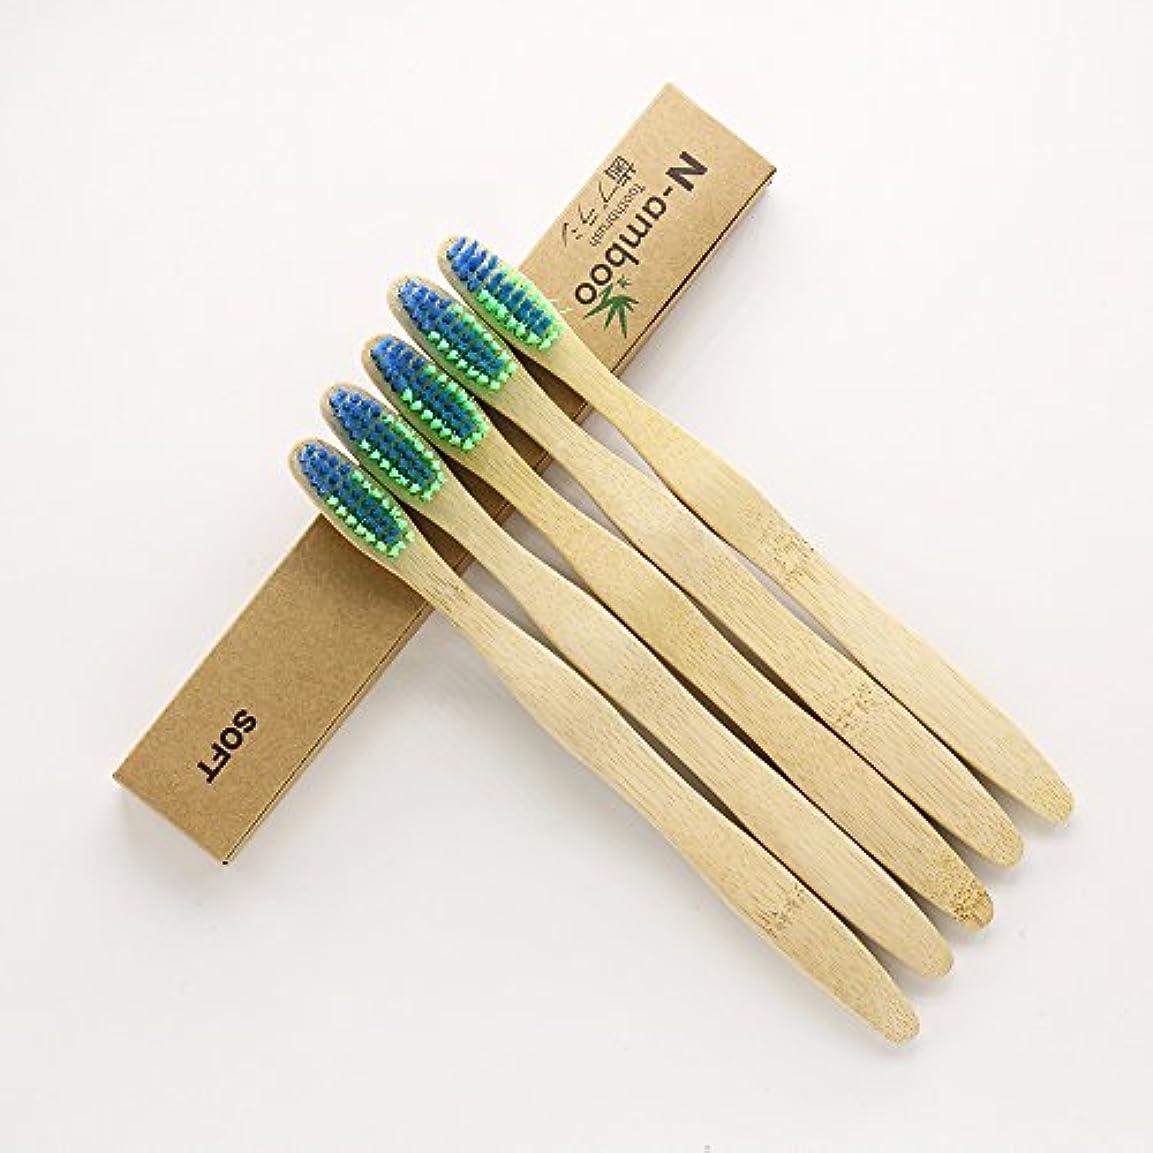 幻想的死気取らないN-amboo 竹製耐久度高い 歯ブラシ 青と緑色 5本入り セット